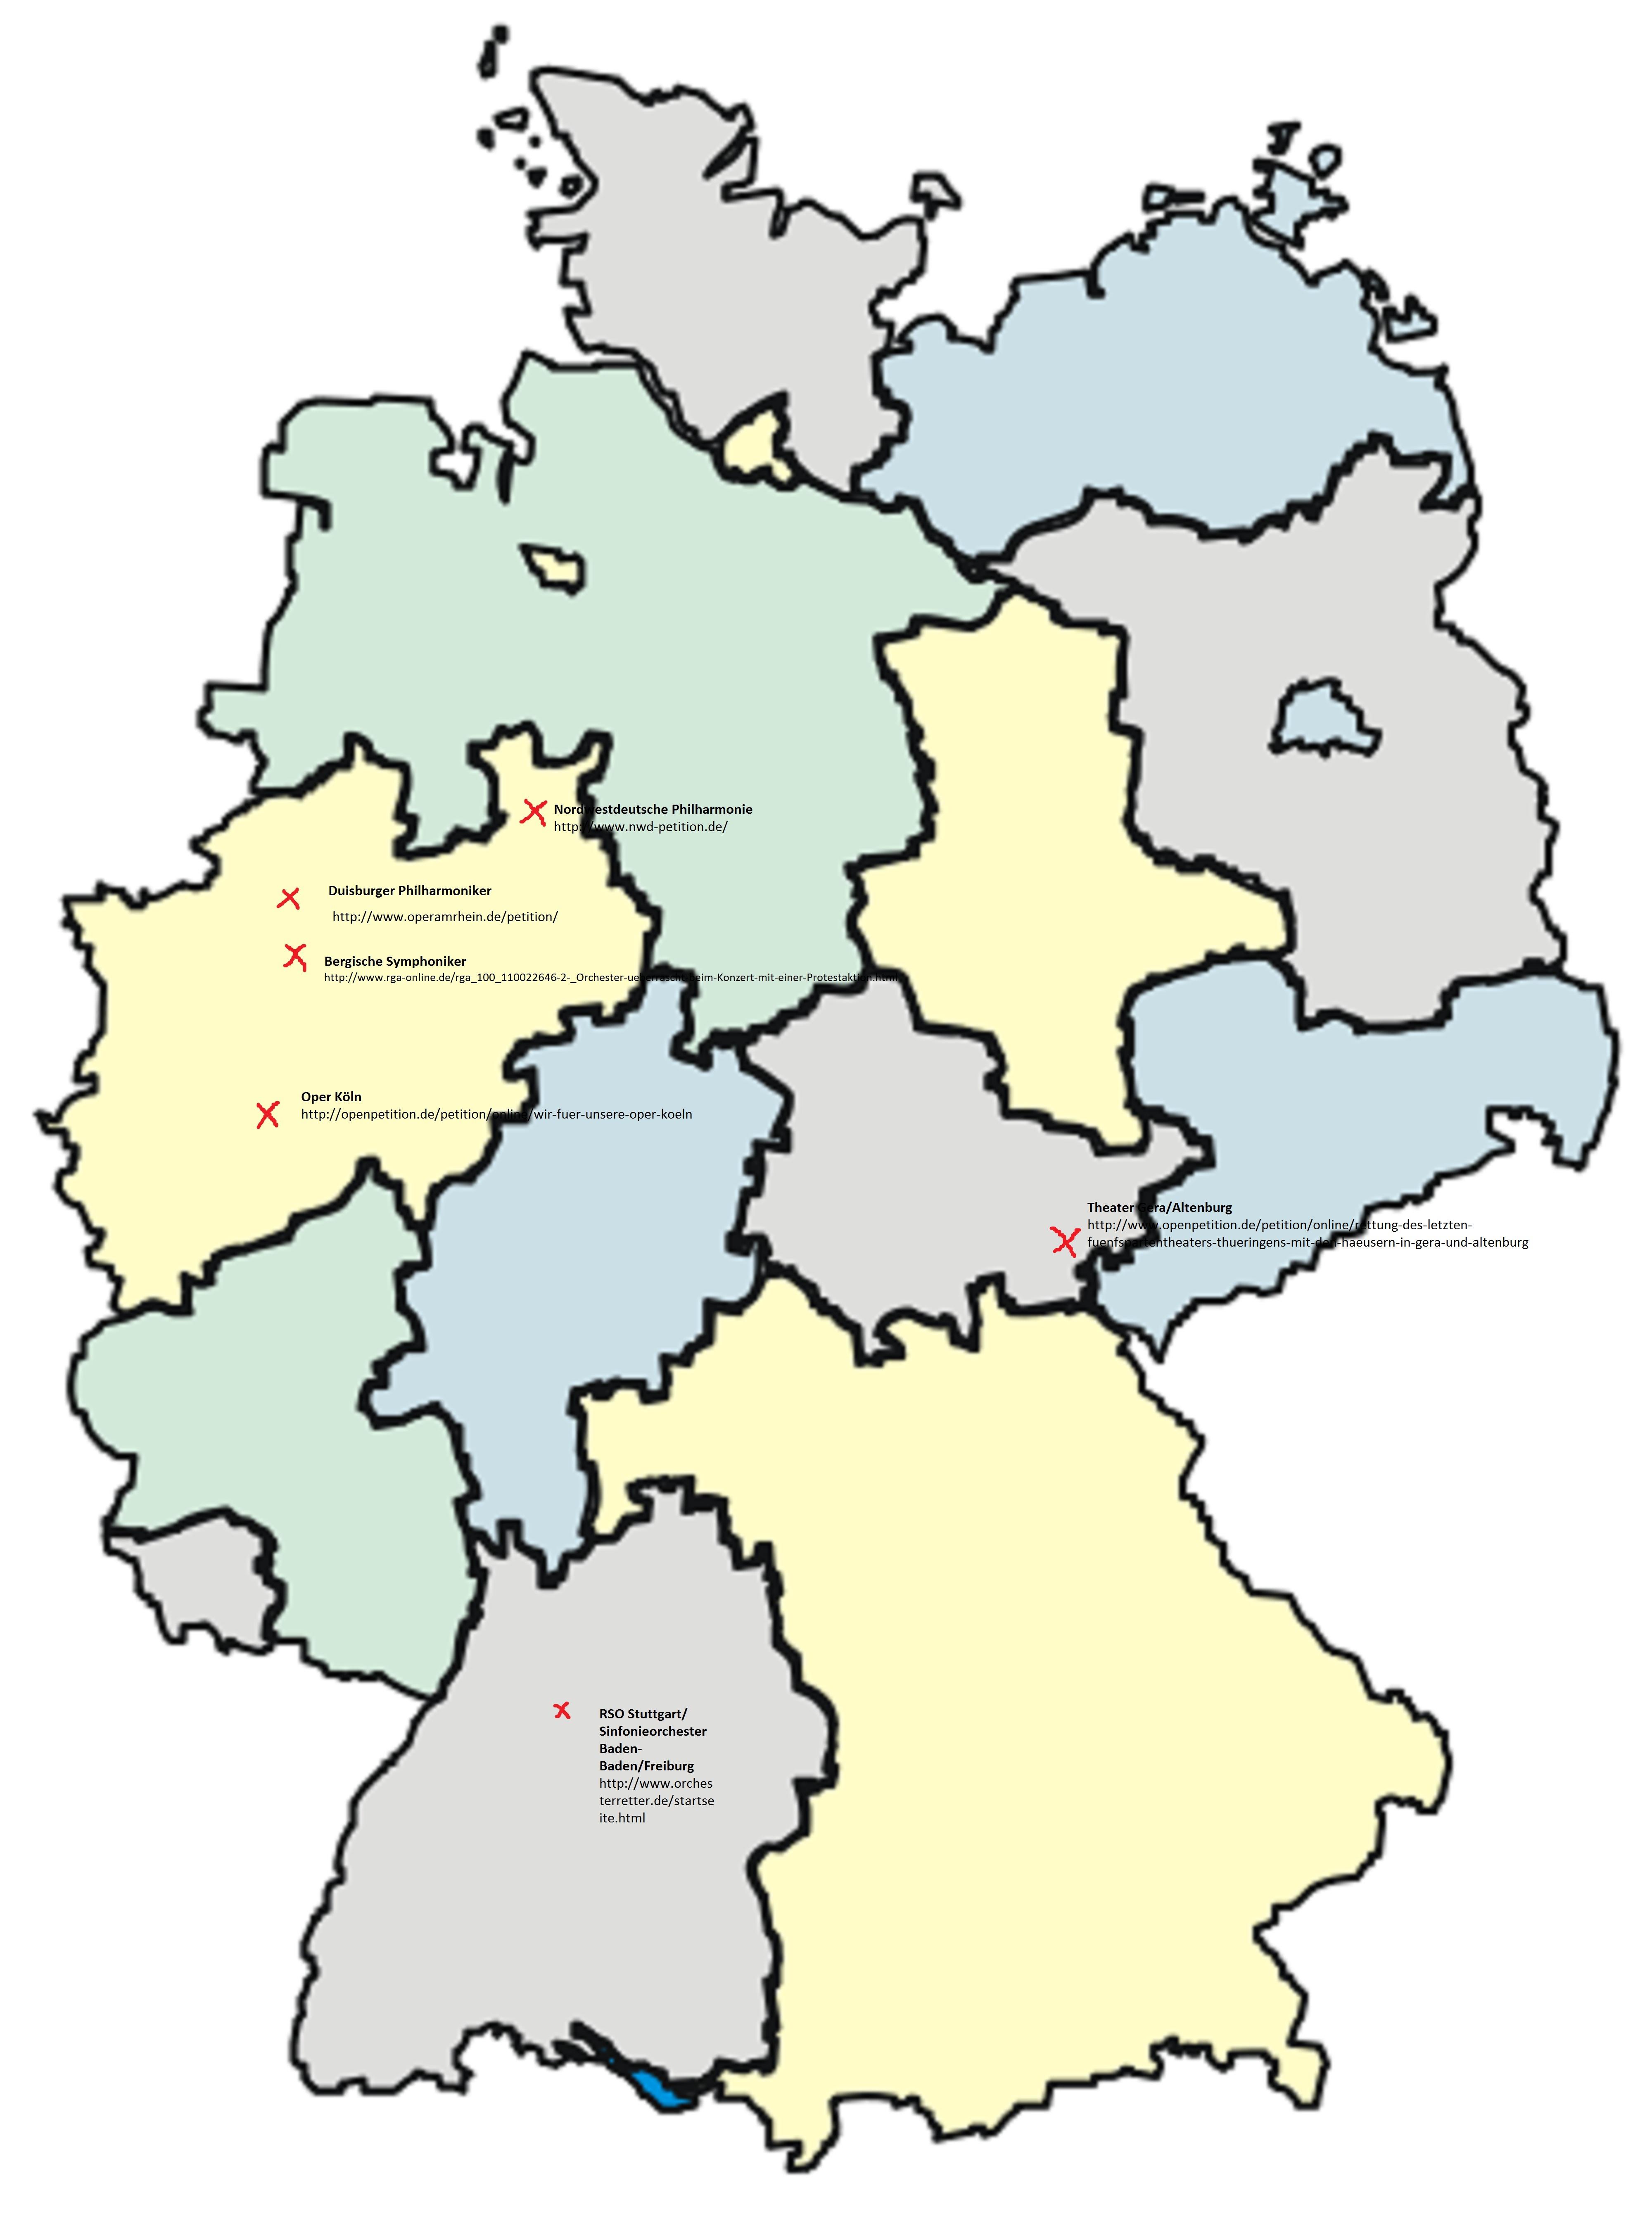 Stumme Karte Deutschland Bundesländer.Der Friedhof Der Kuschelkultur Update Jetzt Mit Gera Altenburg